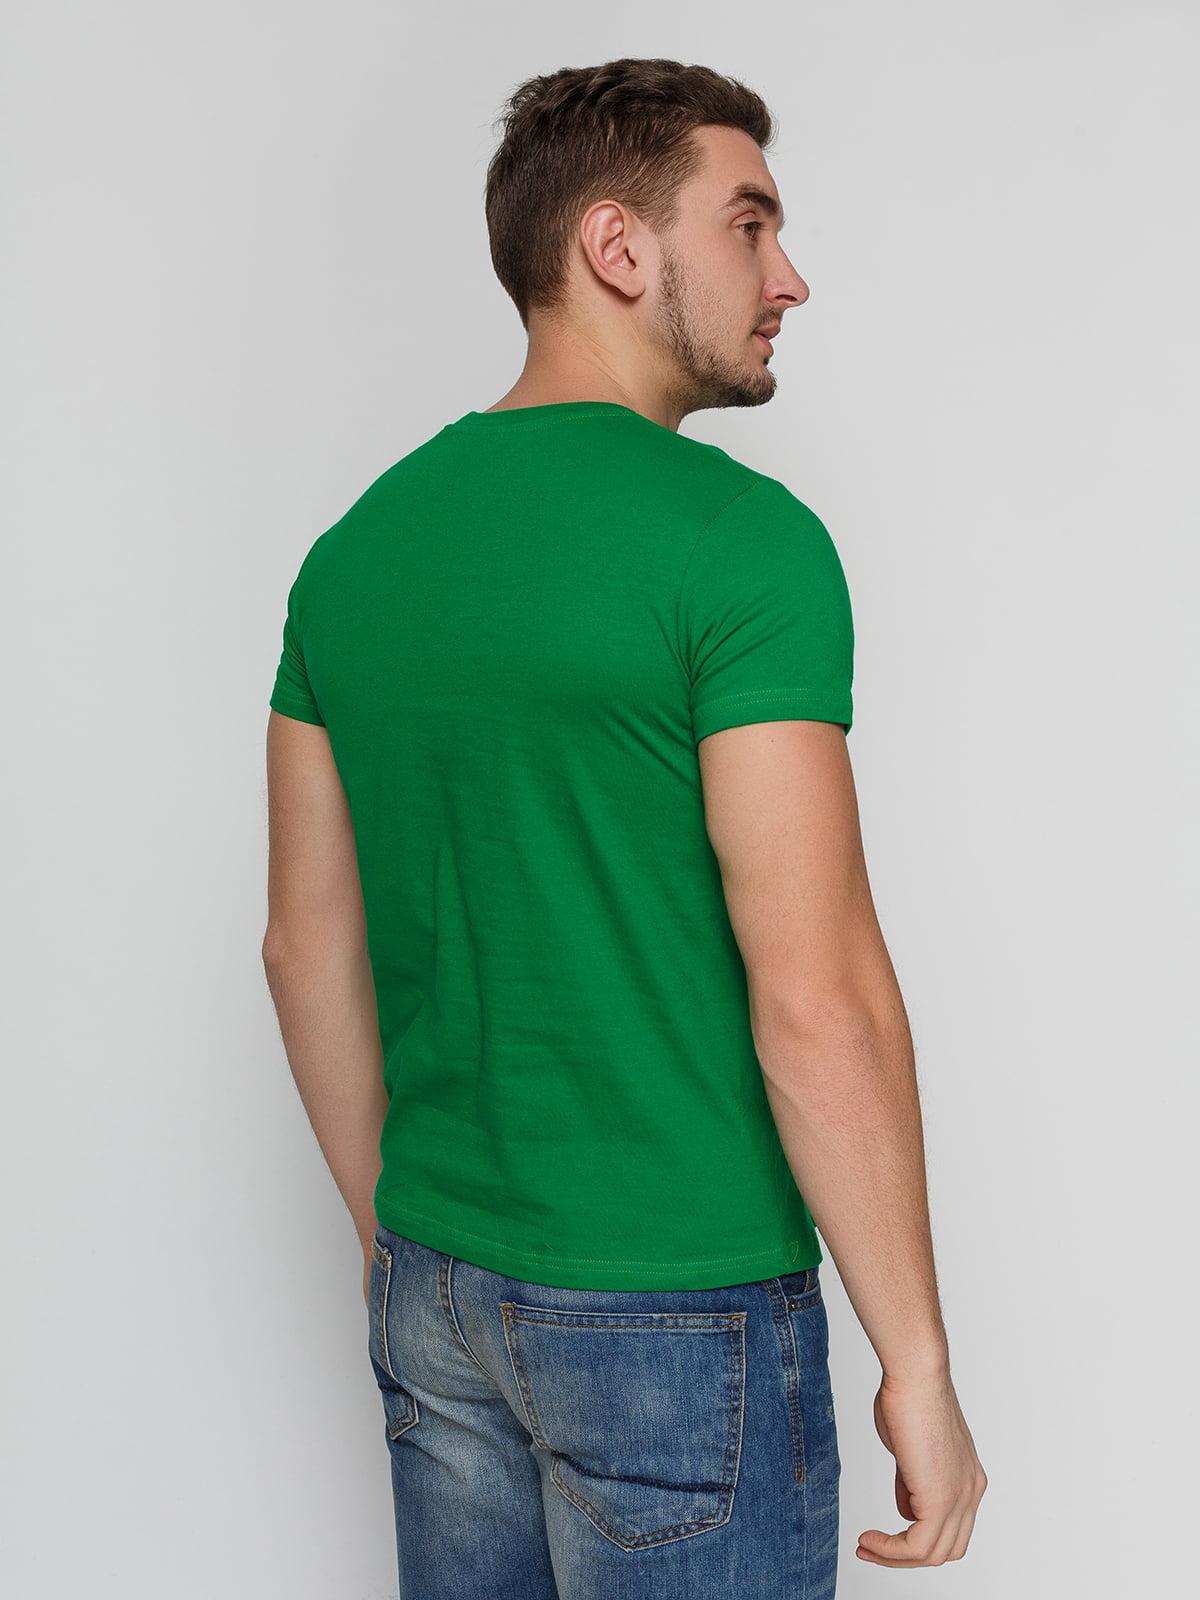 Футболка зеленая с принтом | 4863556 | фото 2